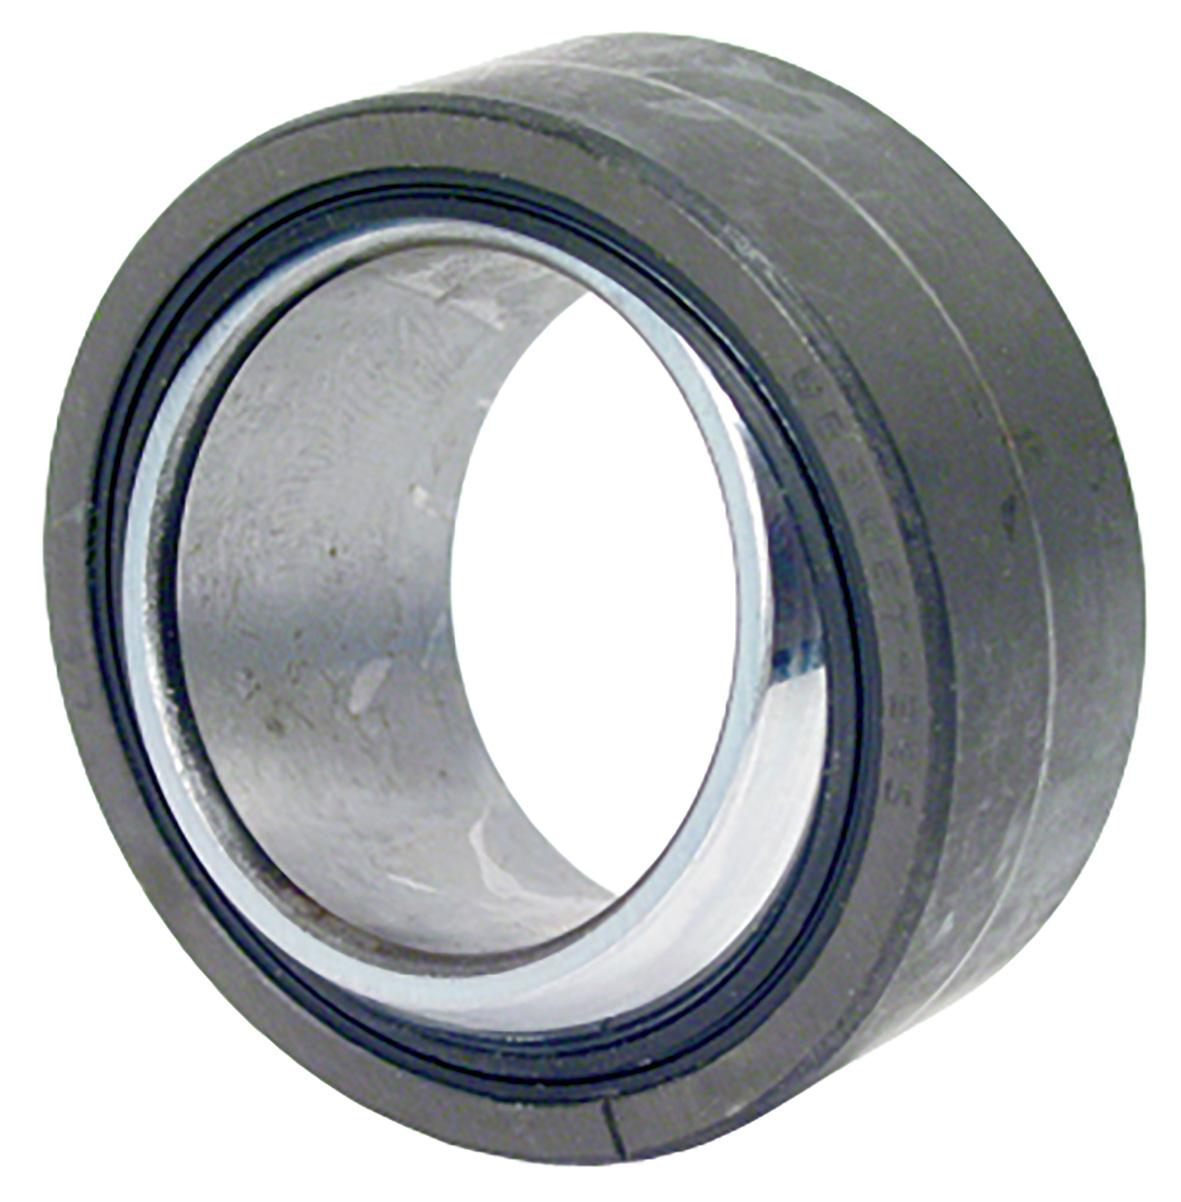 Spherical bearing - Hard chromium / PTFE - DIN 648 -